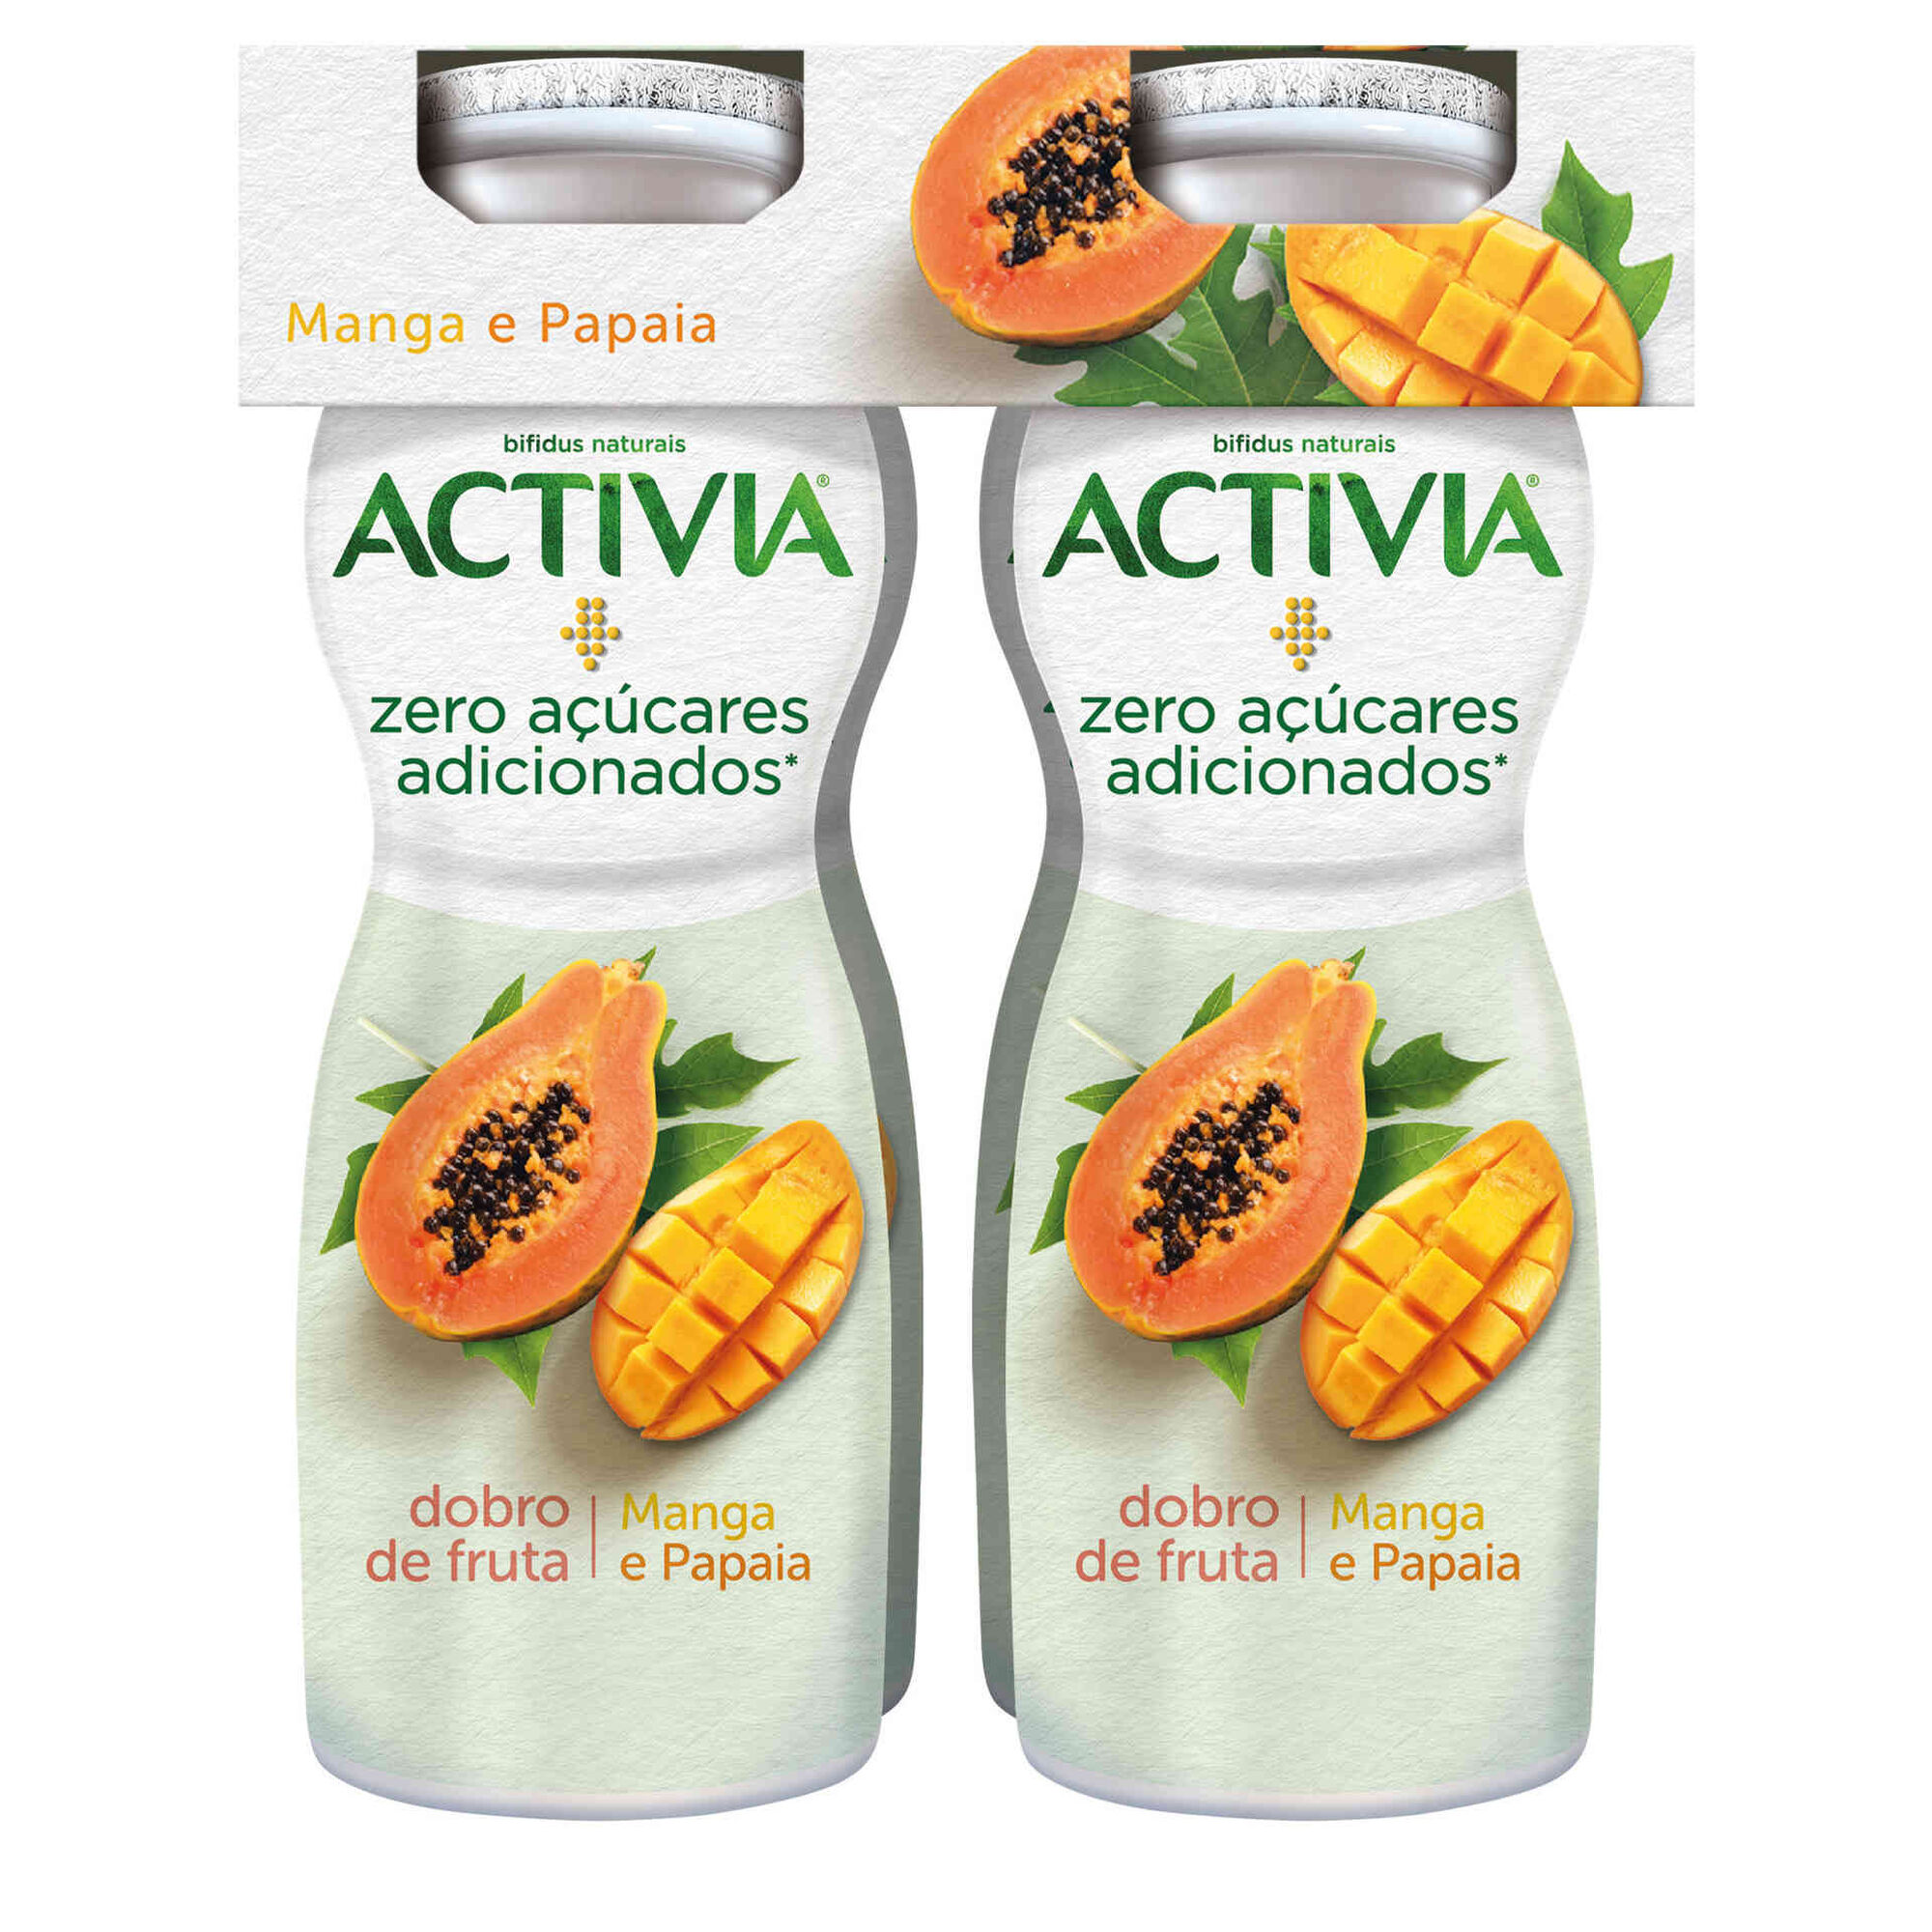 Iogurte Líquido Bifidus Manga e Papaia Activia sem Açúcar